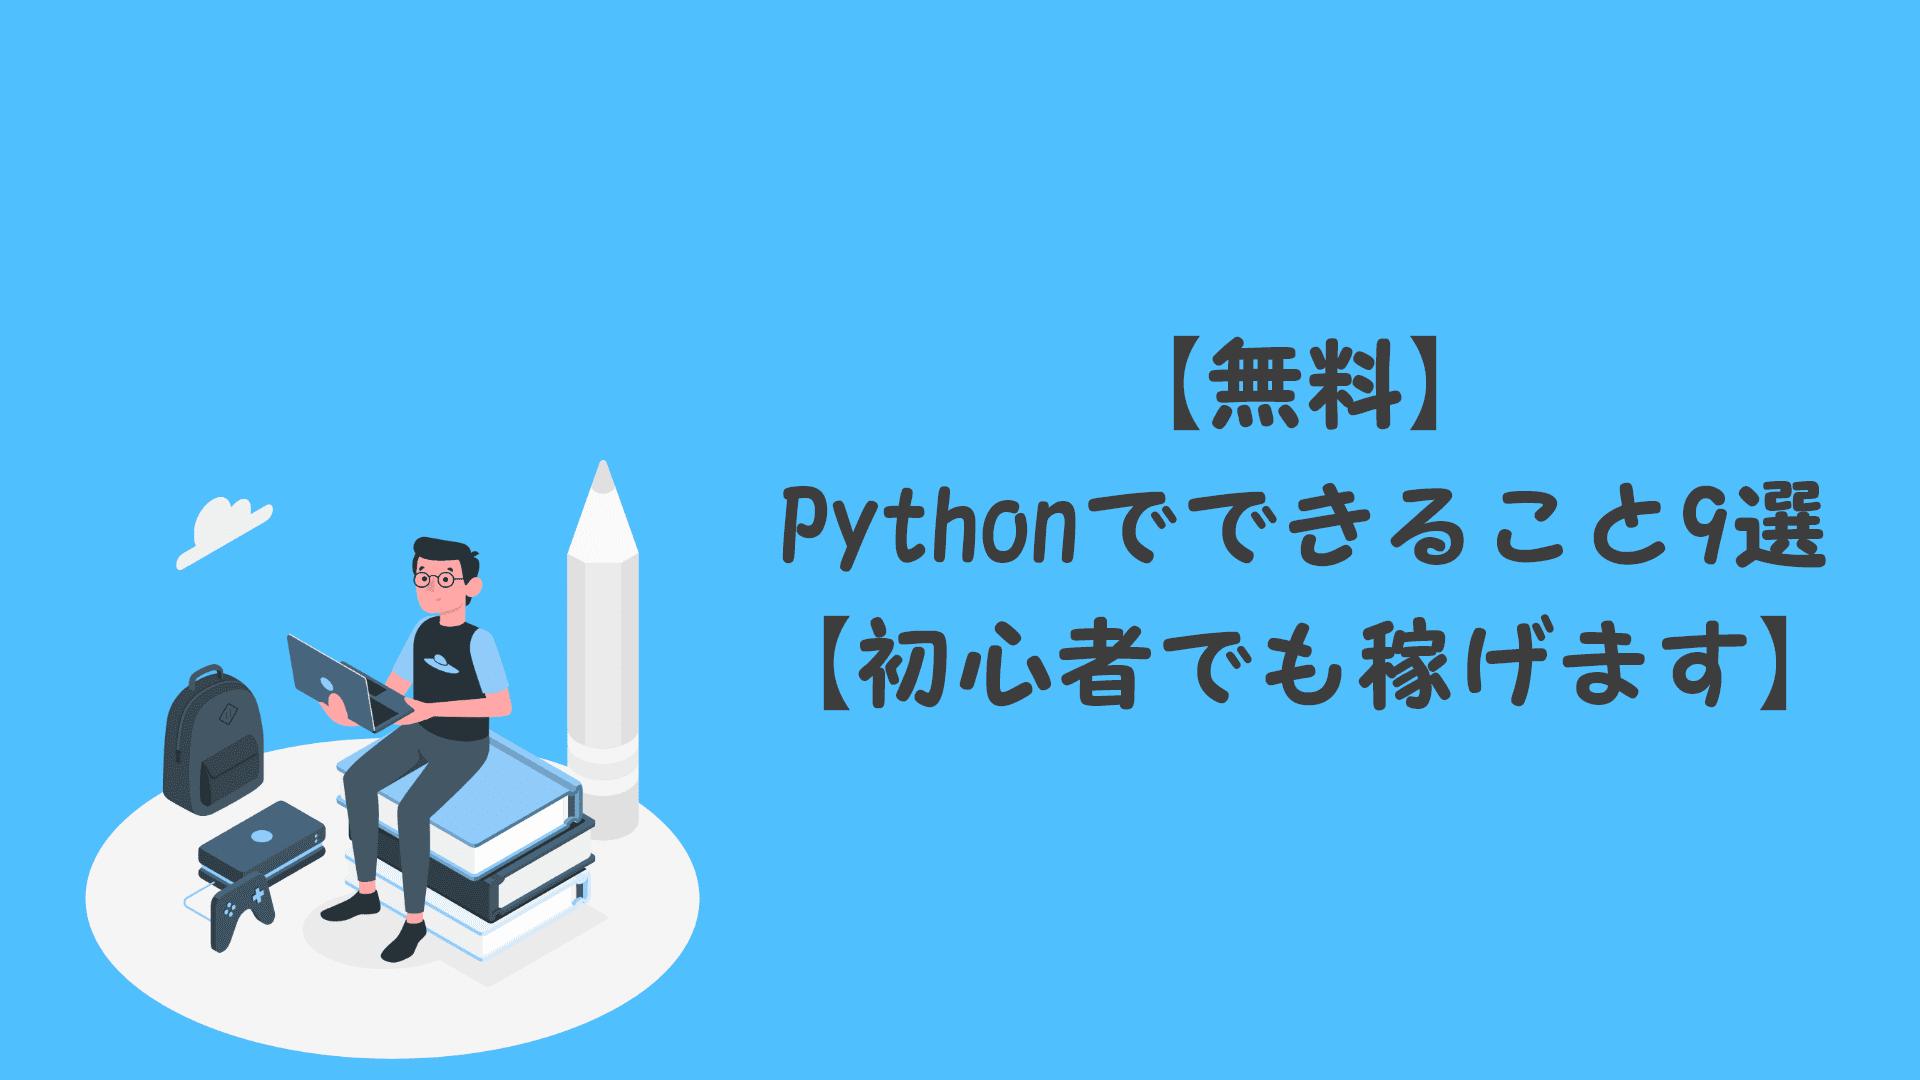 【無料】Pythonでできること9選【初心者でも稼げます】